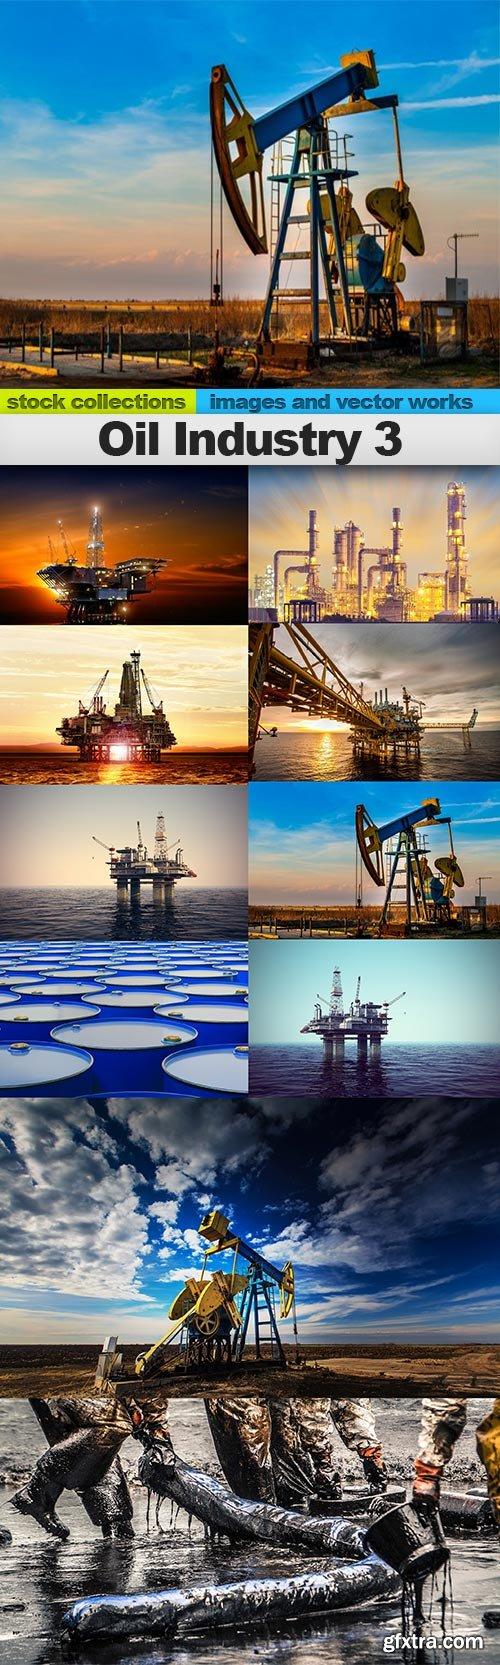 Oil Industry 3, 10 x UHQ JPEG